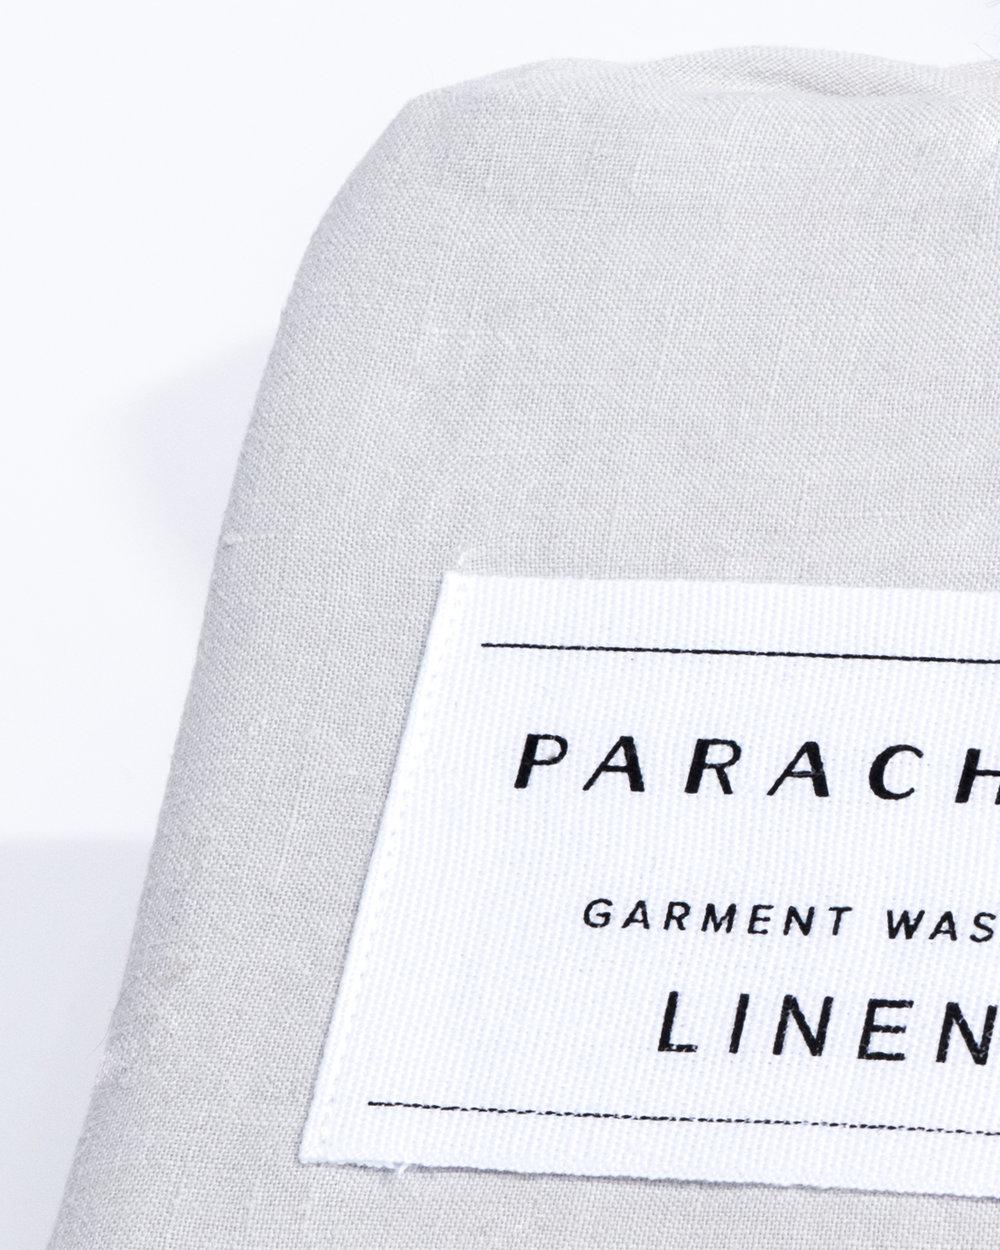 Parachute-2.JPG